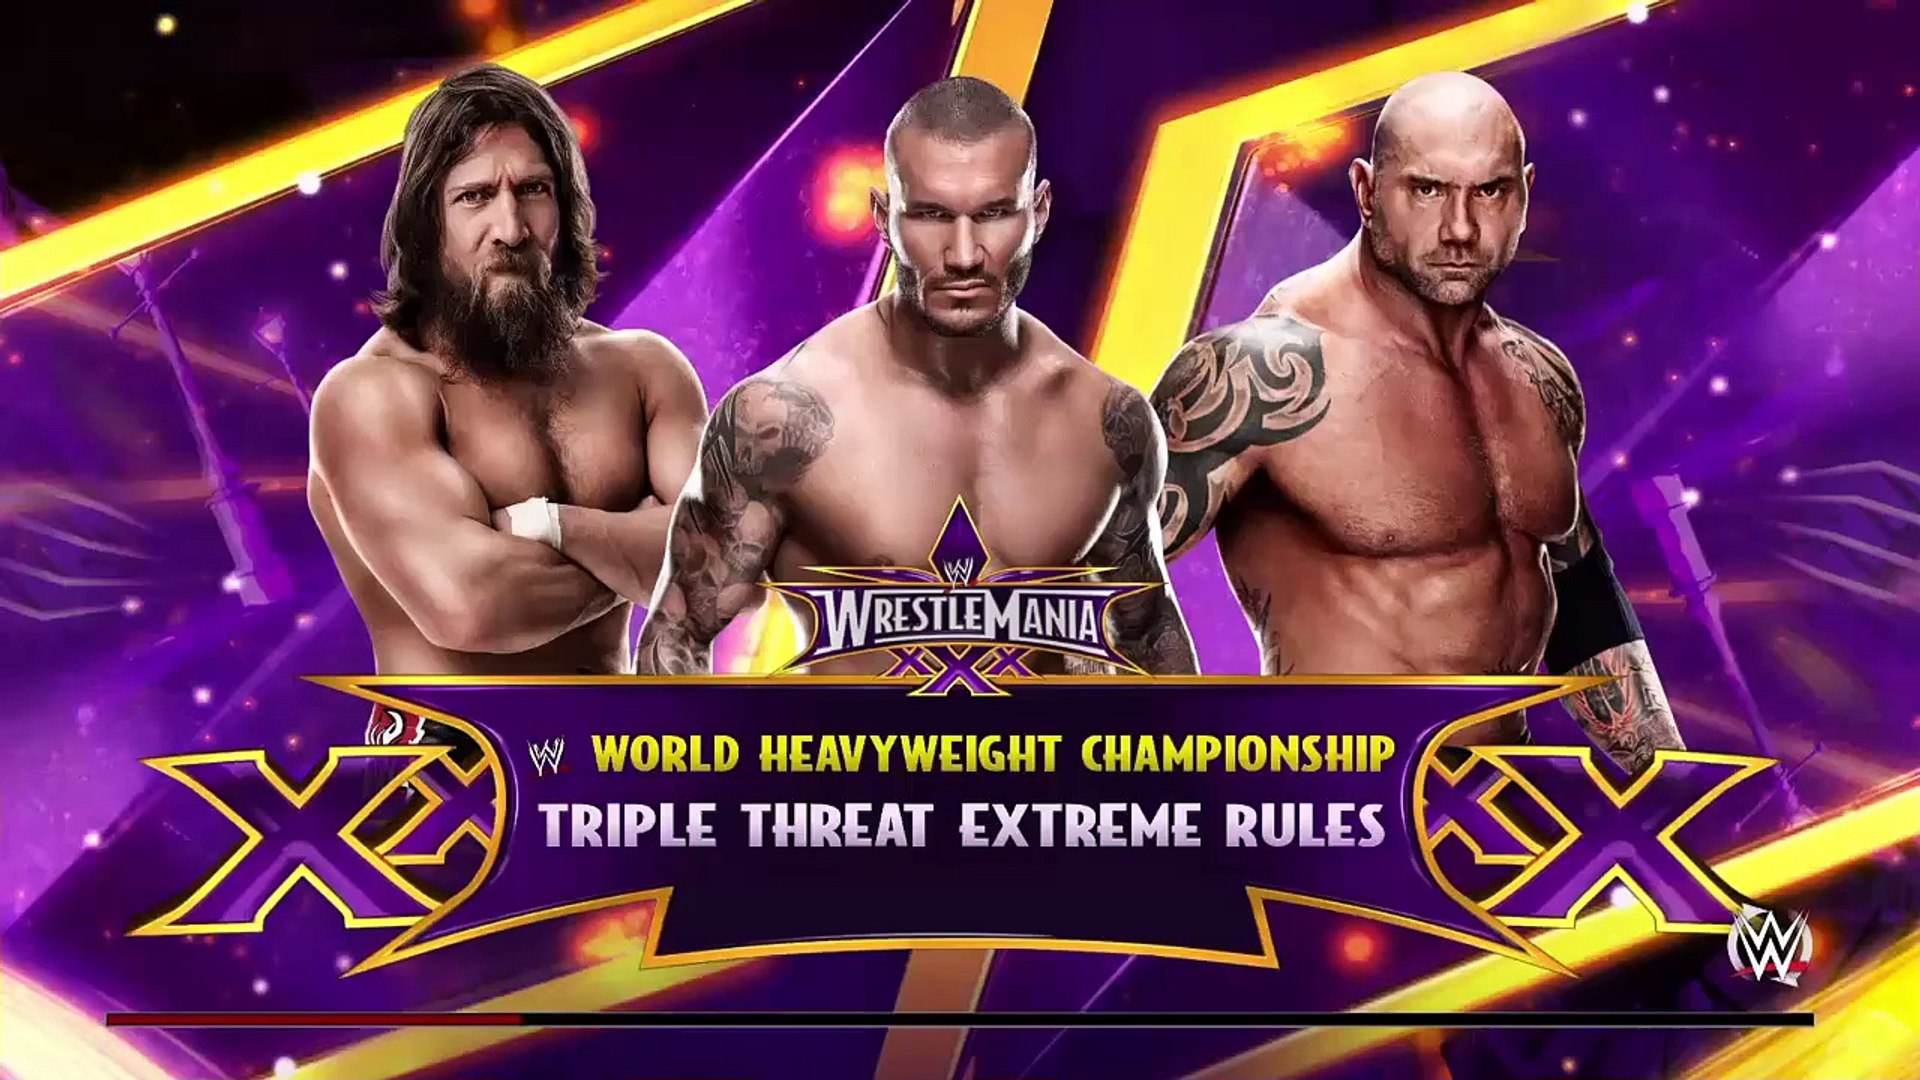 WWE 2K RIVALRIES - Daniel Bryan vs. Randy Orton vs. Batista | WWE Wrestlemania 30 | WWE 2K15 Gamepla